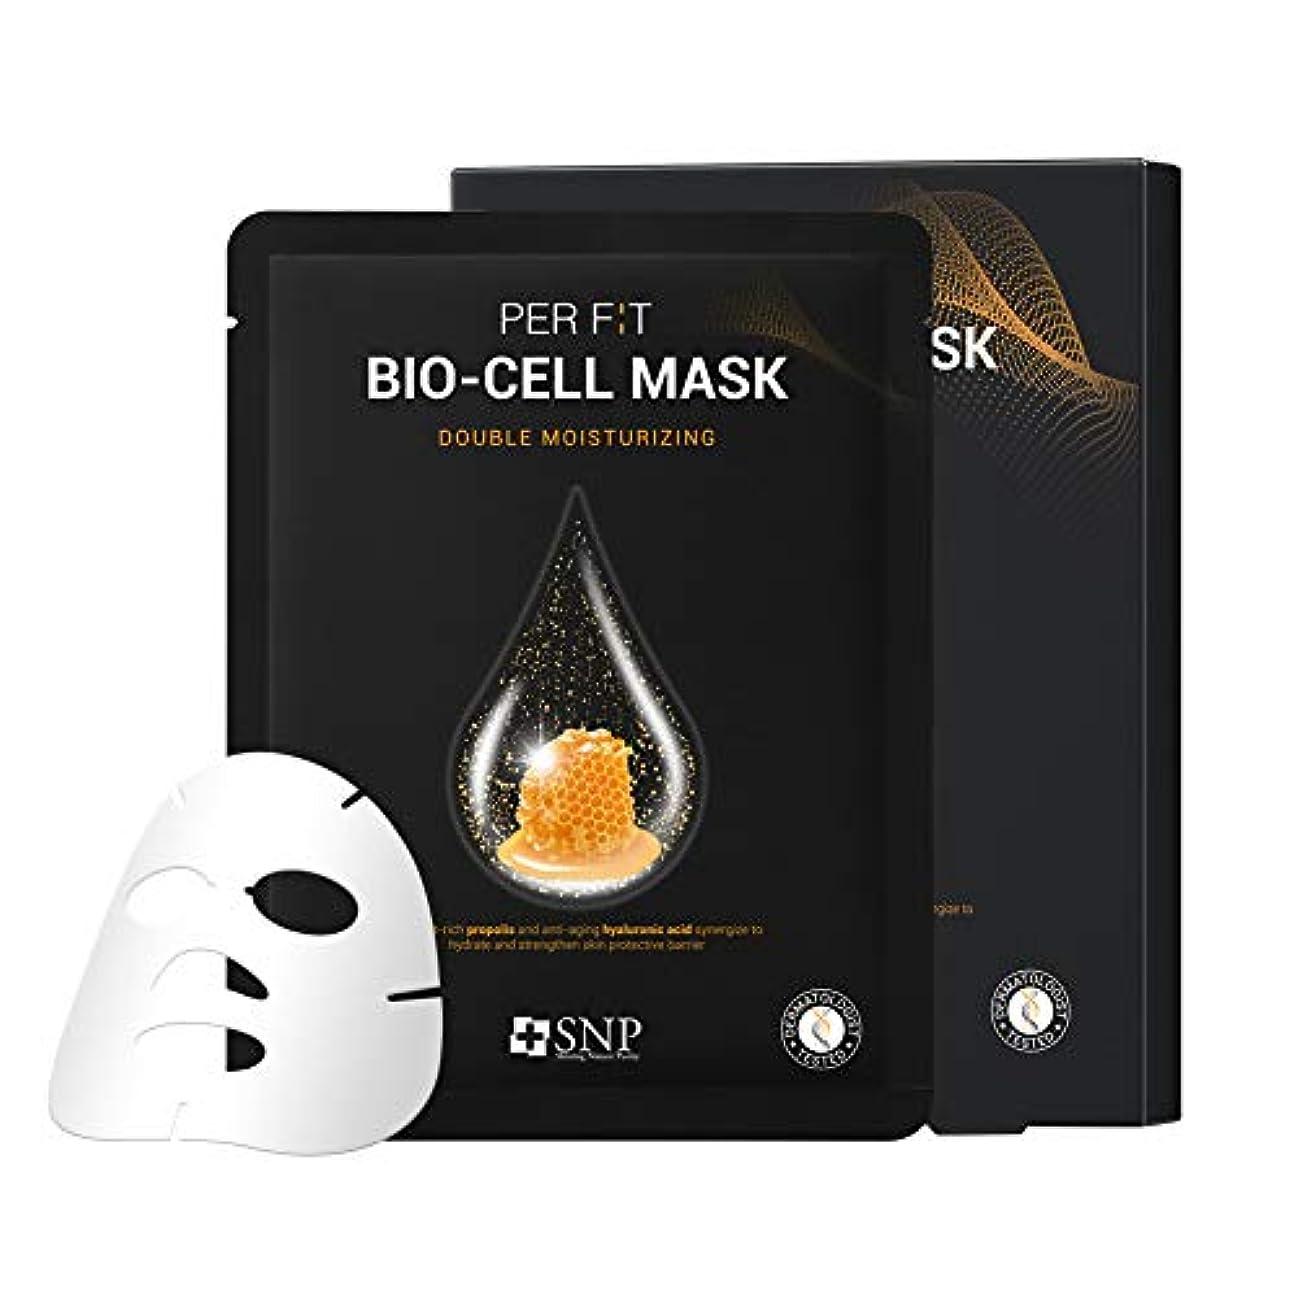 疑わしい開発する予報【SNP公式】パーフィット バイオセルマスク ダブルモイスチャライジング 5枚セット / F:T BIO-CELL MASK DOUBLE MOISTURIZING 韓国パック 韓国コスメ パック マスクパック シートマスク 高機能